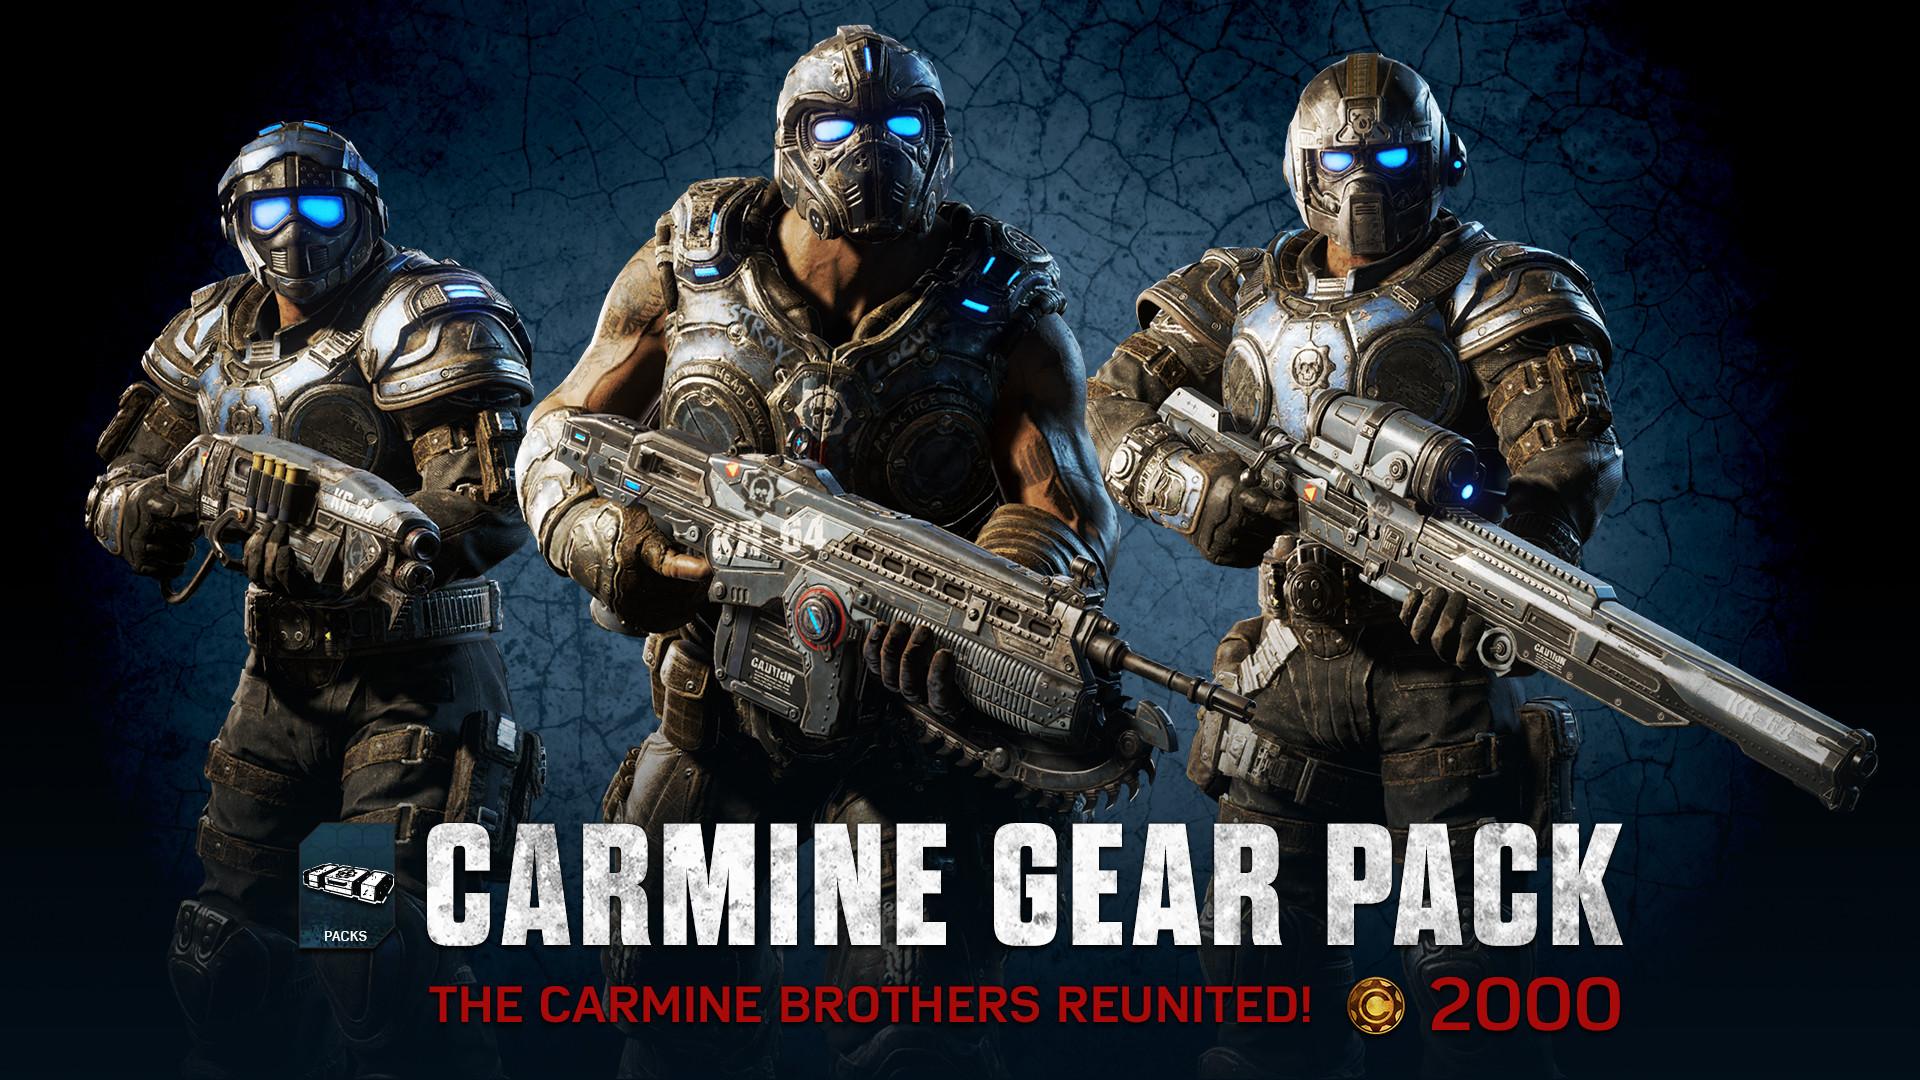 Carmine Gear pack